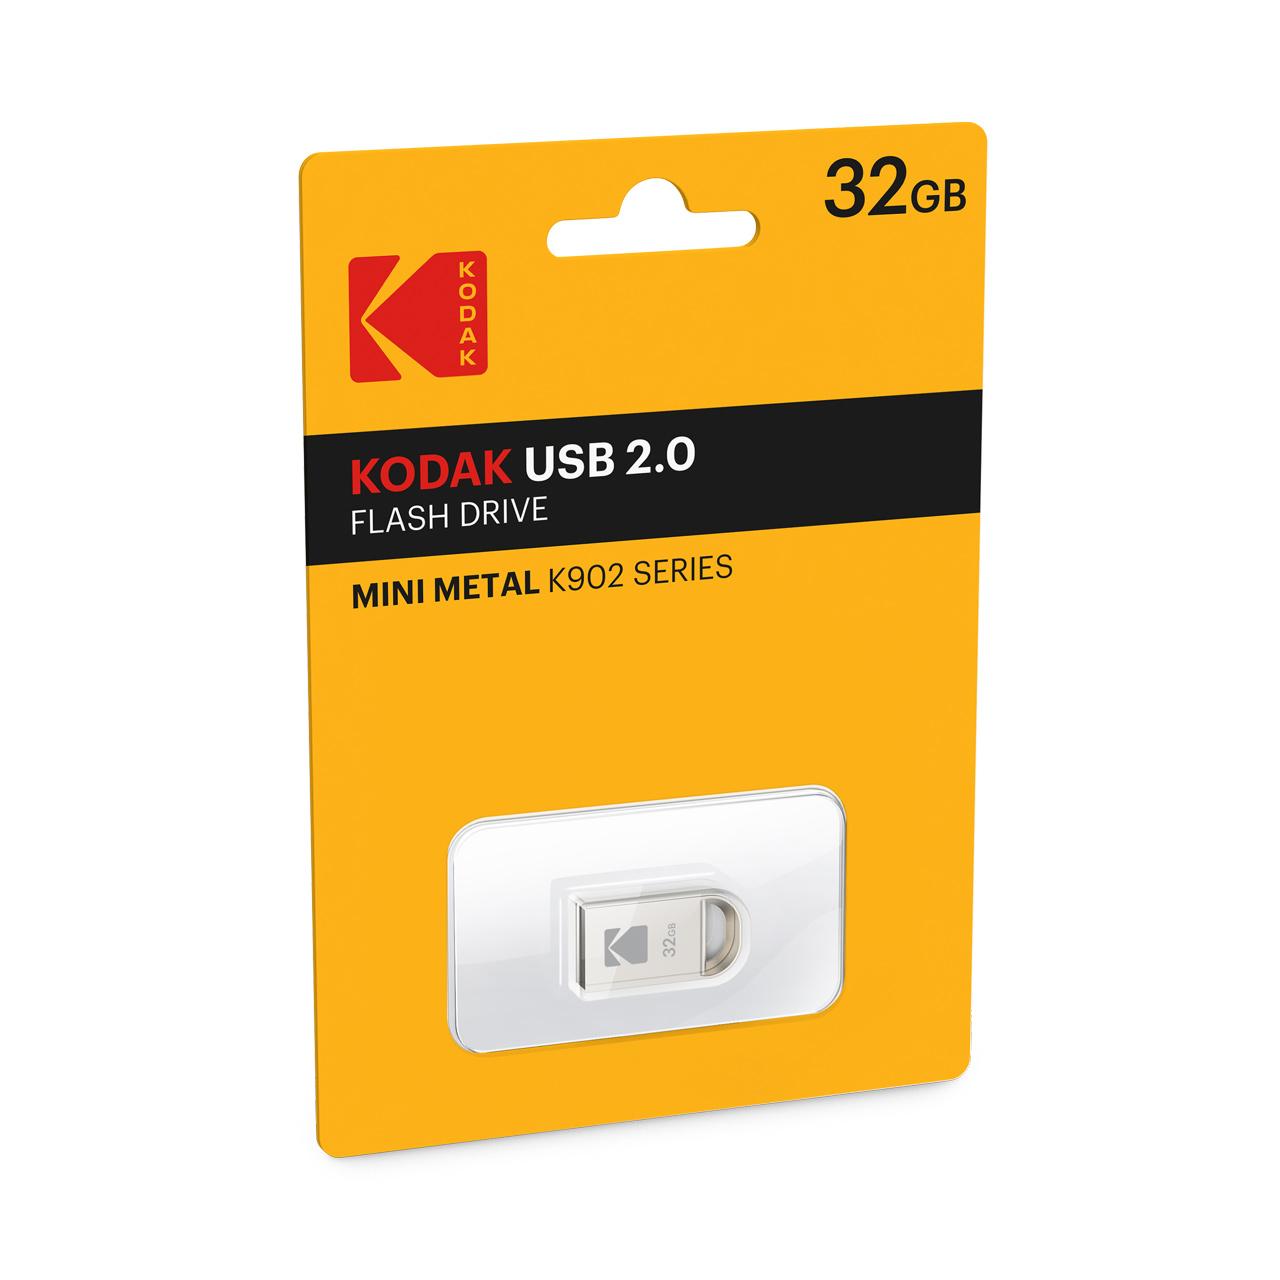 فلش مینی متال کداک مدل K902 با ظرفیت 32 گیگابایت